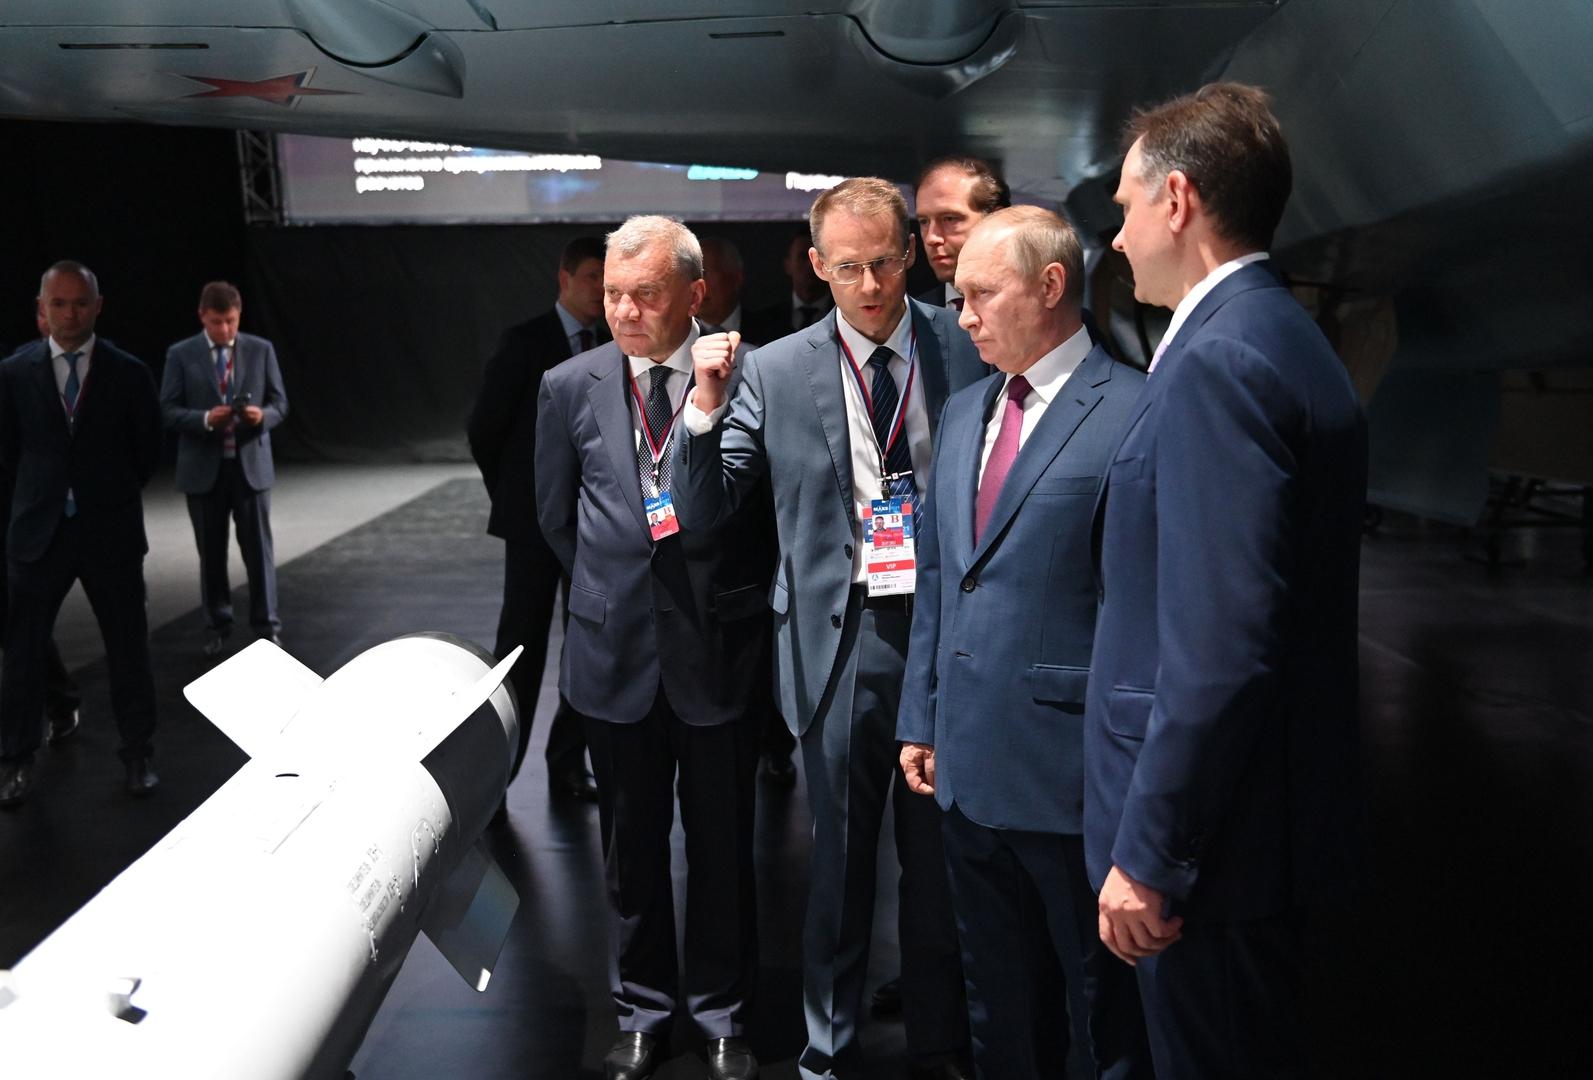 روسيا تزيح الستار عن مقاتلتها الجديدة